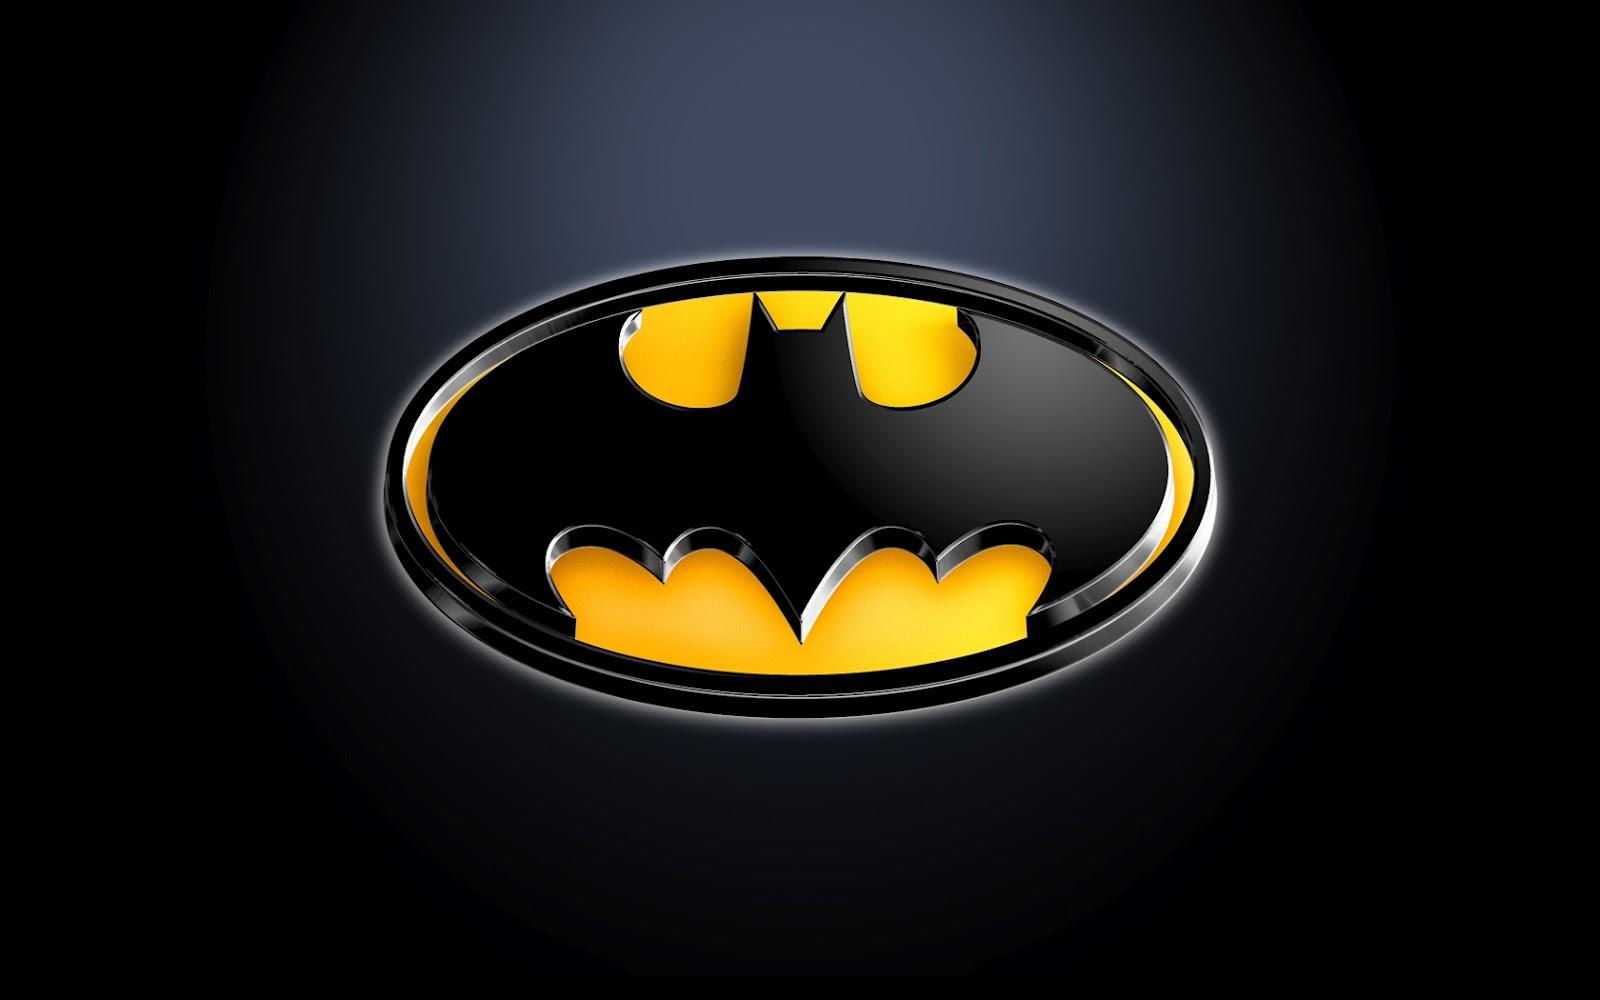 3D Batman Logo Exclusive HD Wallpapers 684 1600x1000